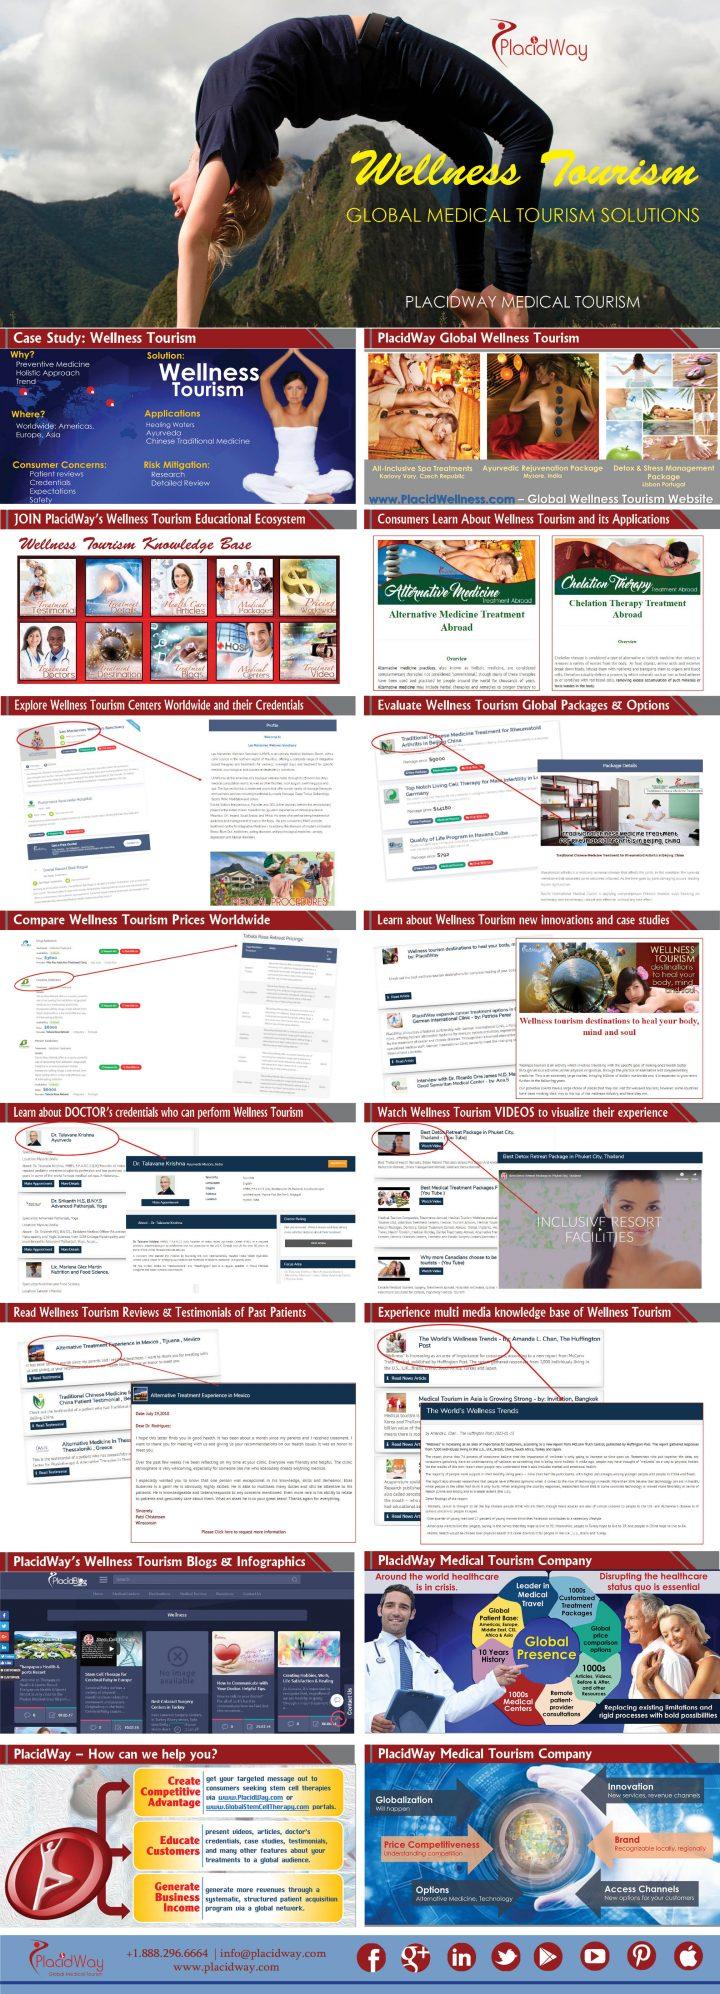 Infographics: Introducing PlacidWay Wellness Tourism Program